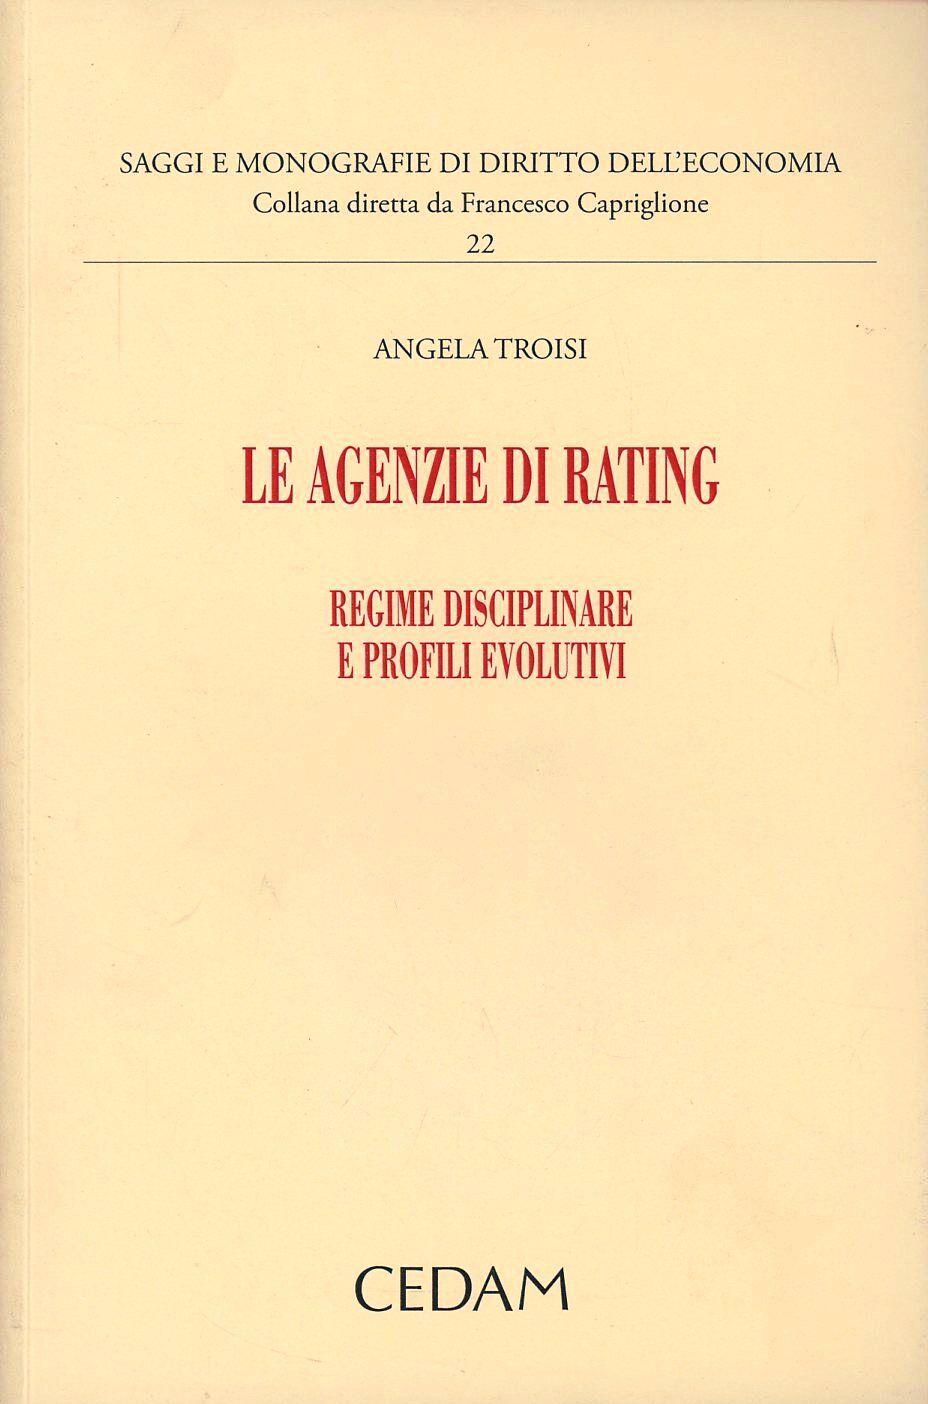 Le agenzie di rating. Regime disciplinare e profili evolutivi